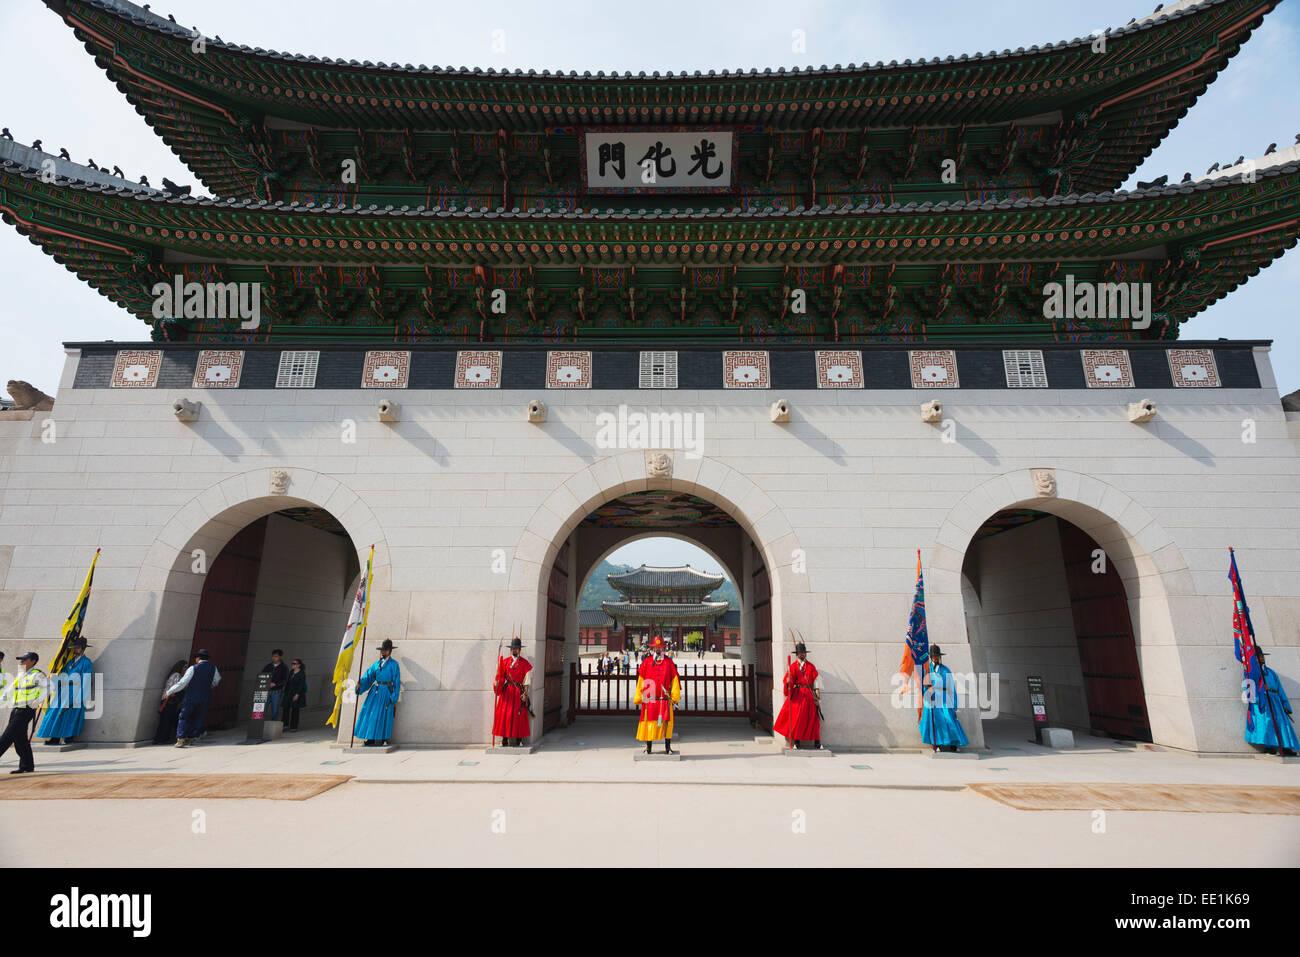 Wechsel der Wachen Zeremonie, Gyeongbokgung-Palast, Seoul, Südkorea, Asien Stockbild